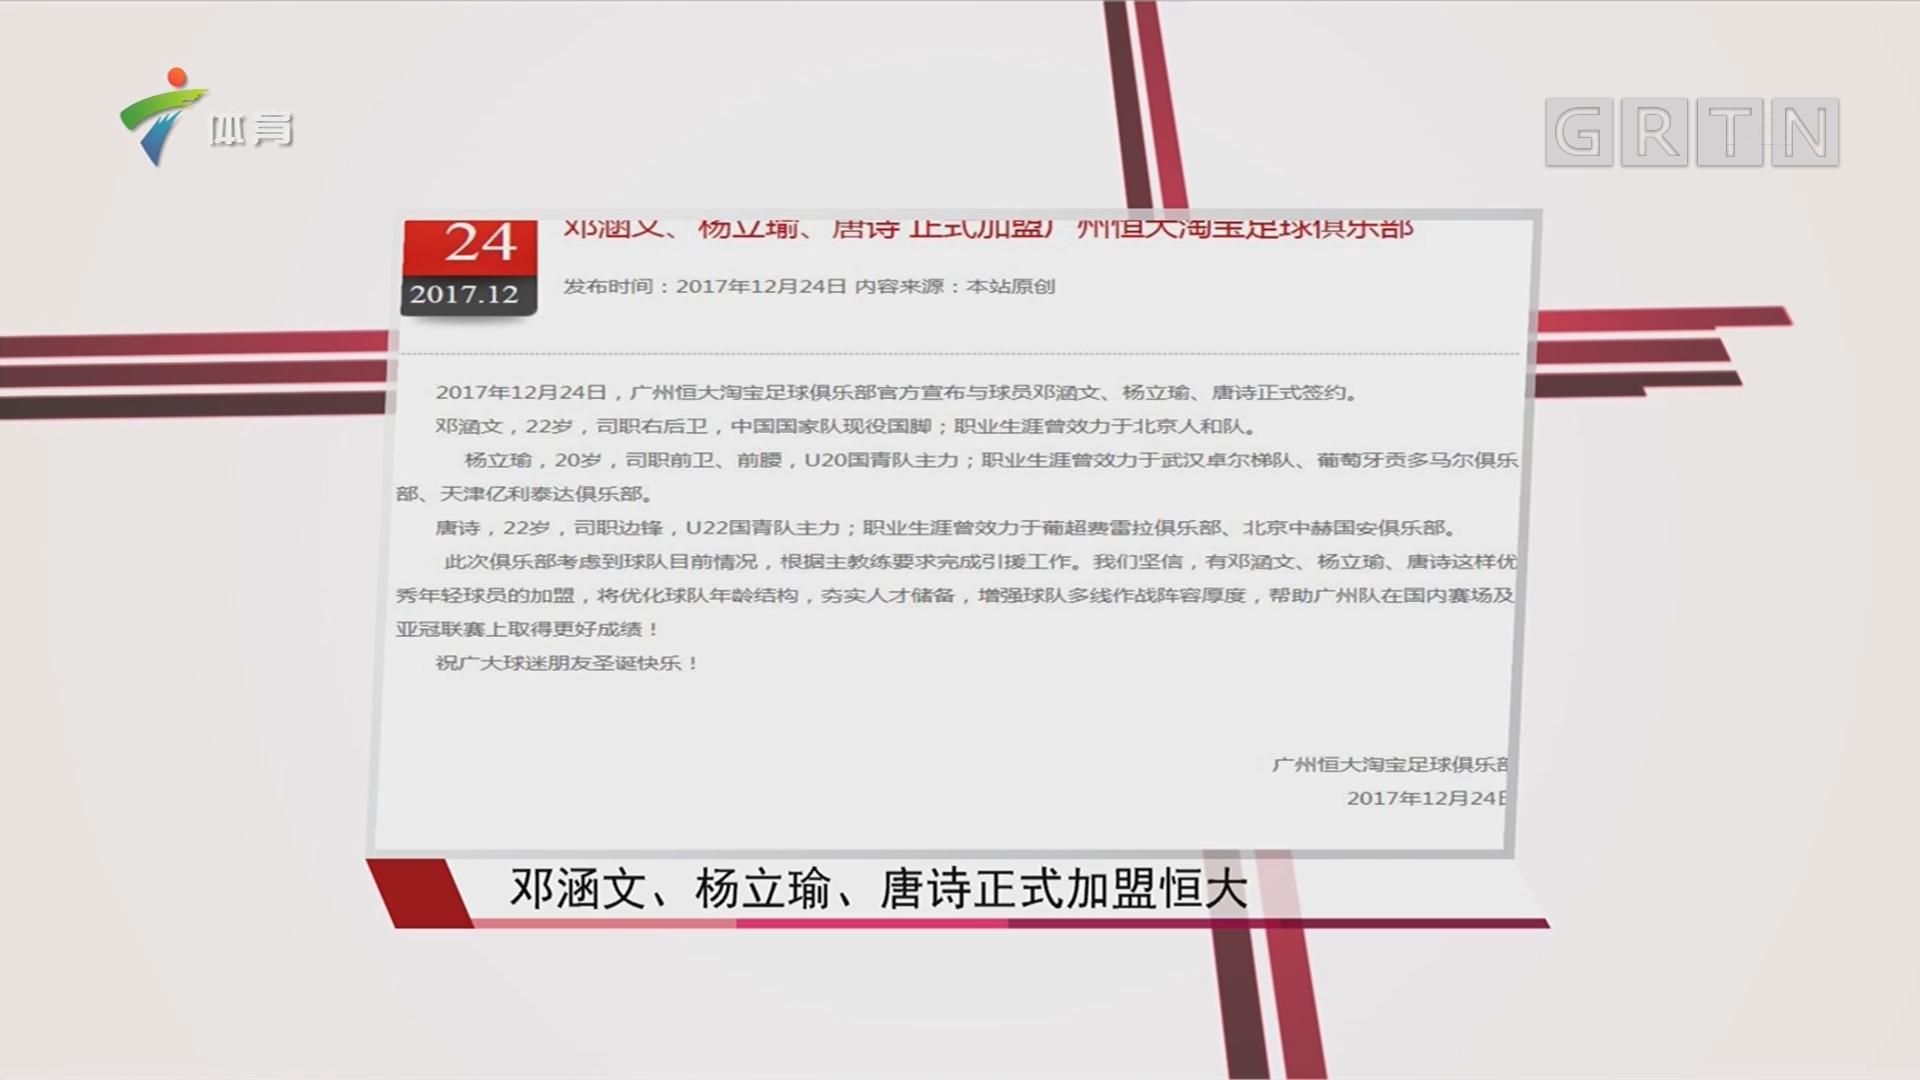 邓涵文、杨立瑜、唐诗正式加盟恒大